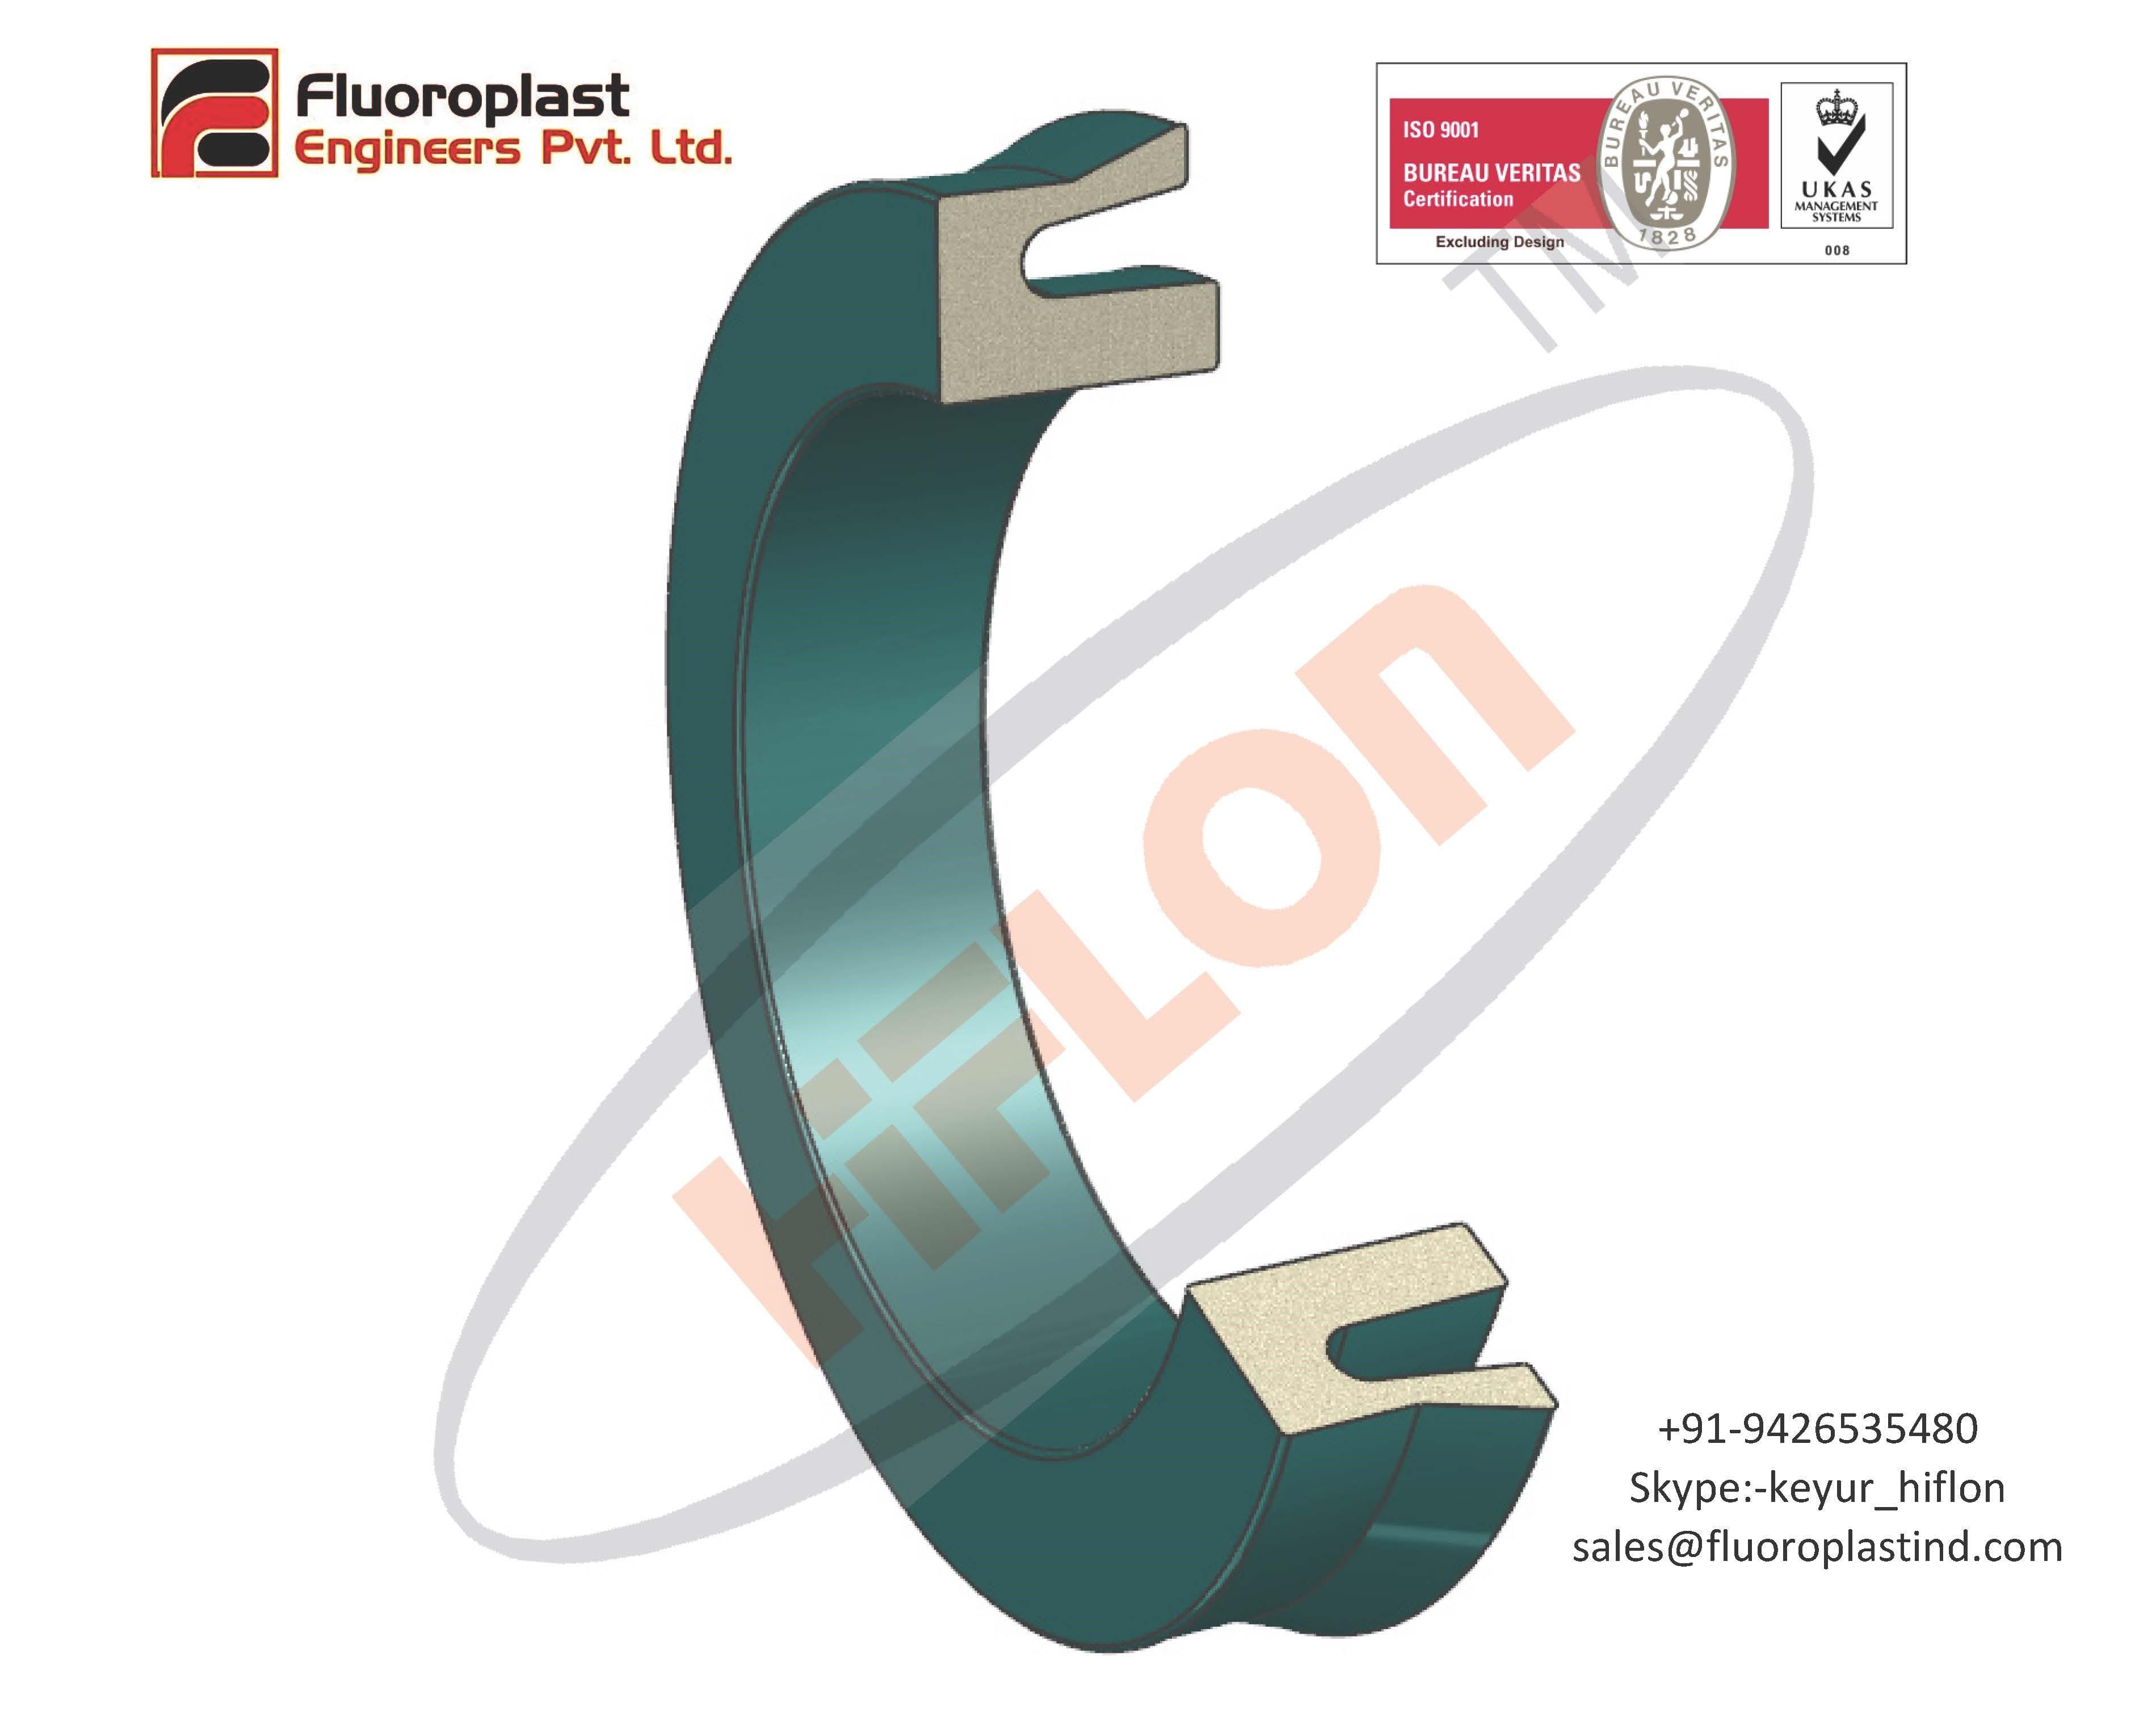 E4 Pneumatic Seals